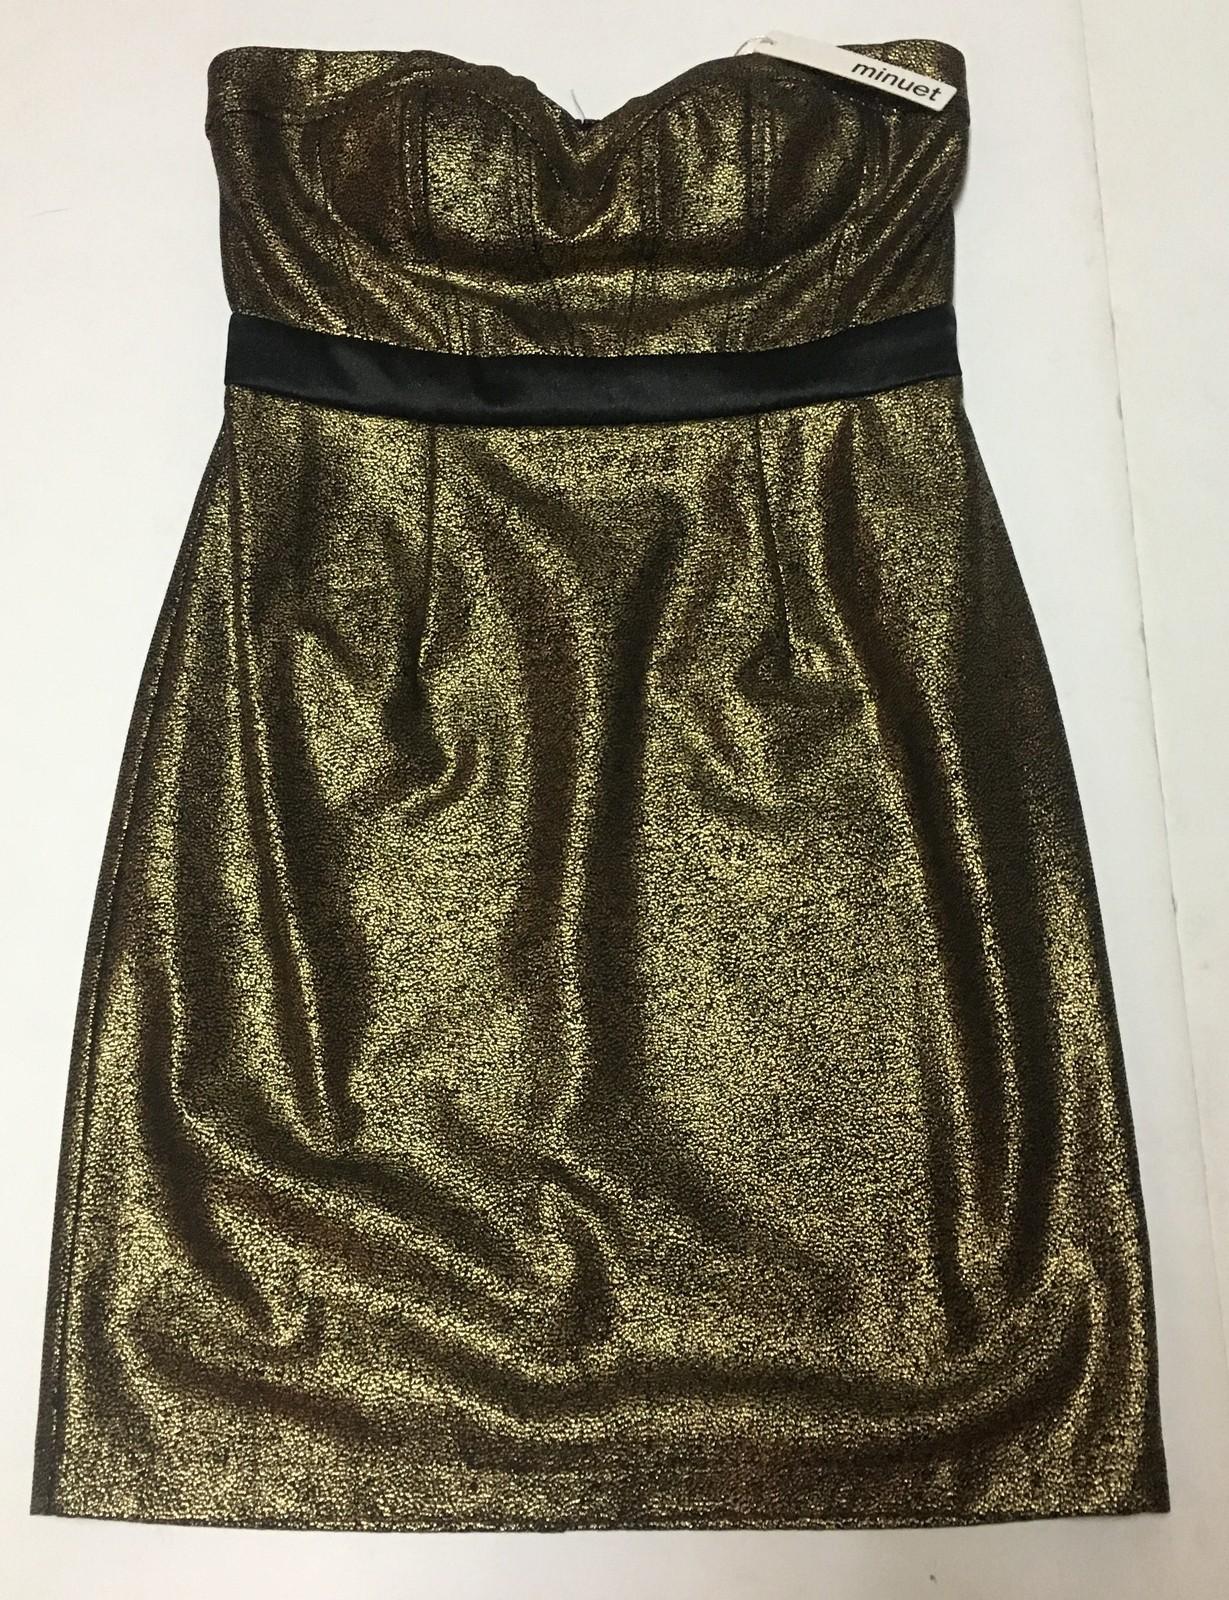 Minuet Gold & Black Halter Mini Dress SZ M